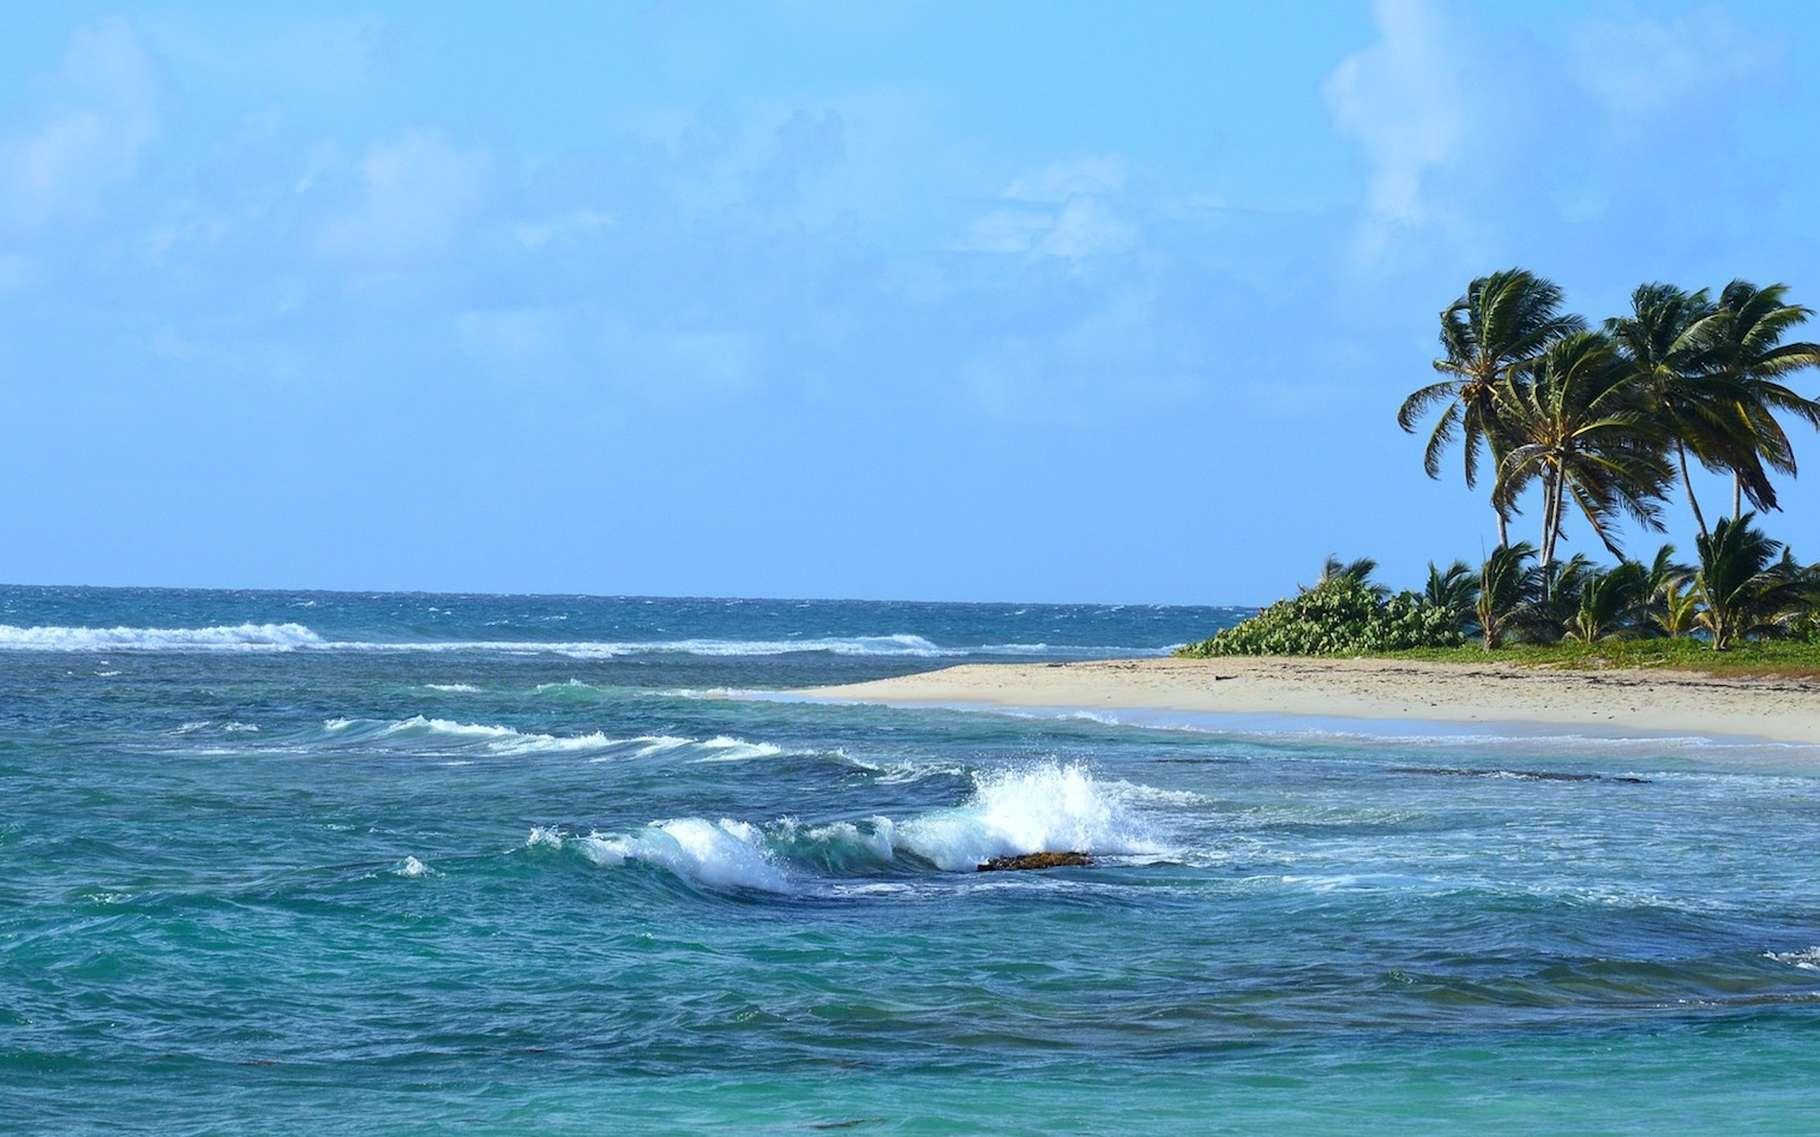 Les alizés sont des vents qui soufflent tout au long de l'année entre les tropiques. © Lecreusois, Pixabay, CC0 Creative Commons